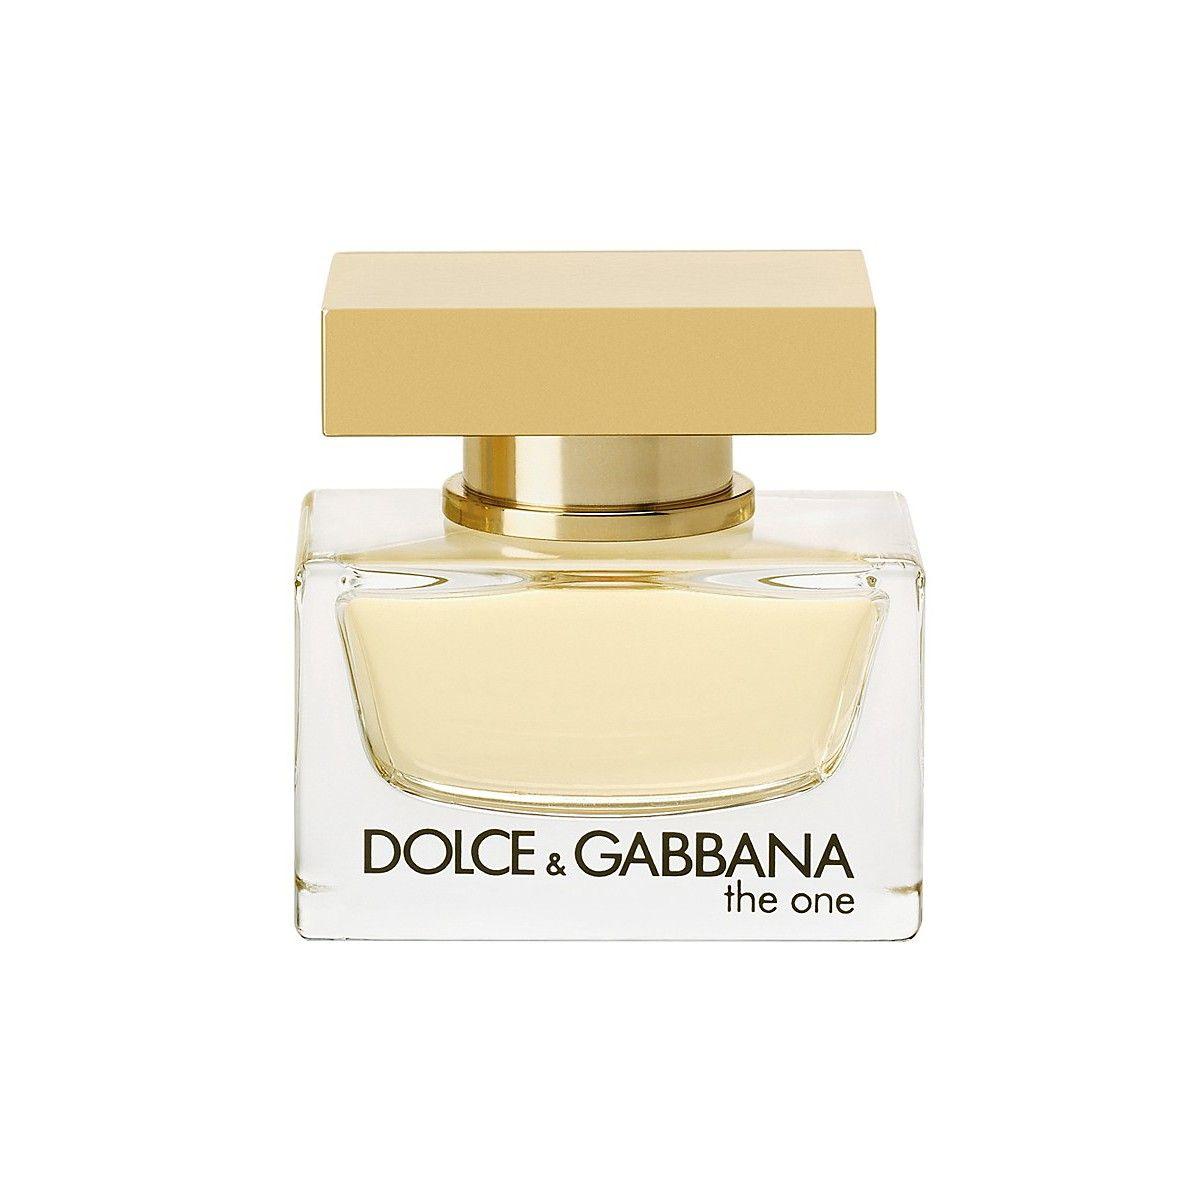 Dolce Gabbana The One Eau De Parfum Fragrances Perfume Dolce And Gabbana Perfume Perfume